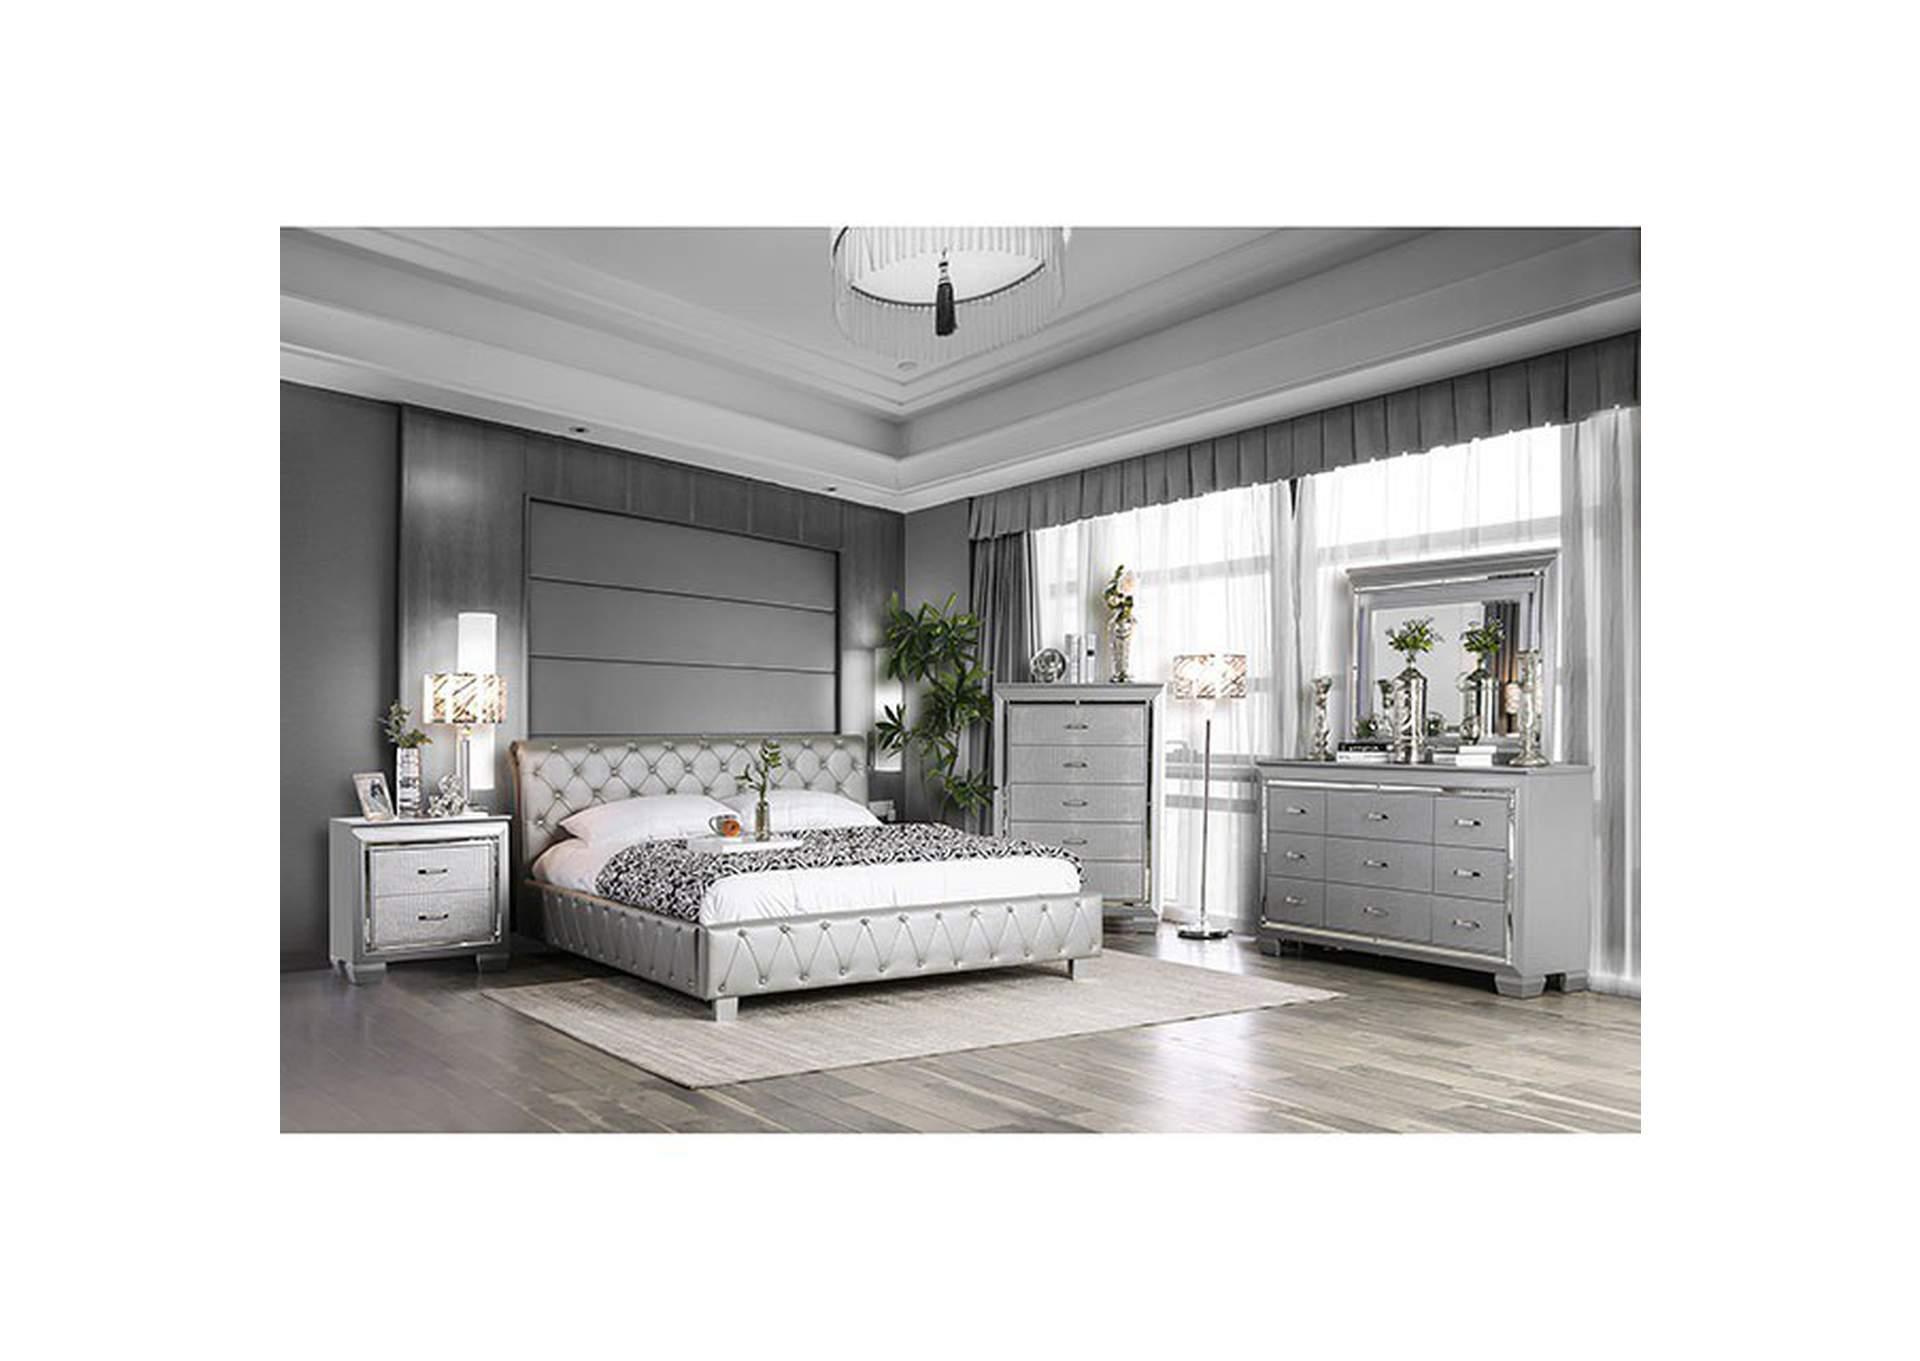 Juilliard Silver California King Bed Dream Decor Furniture